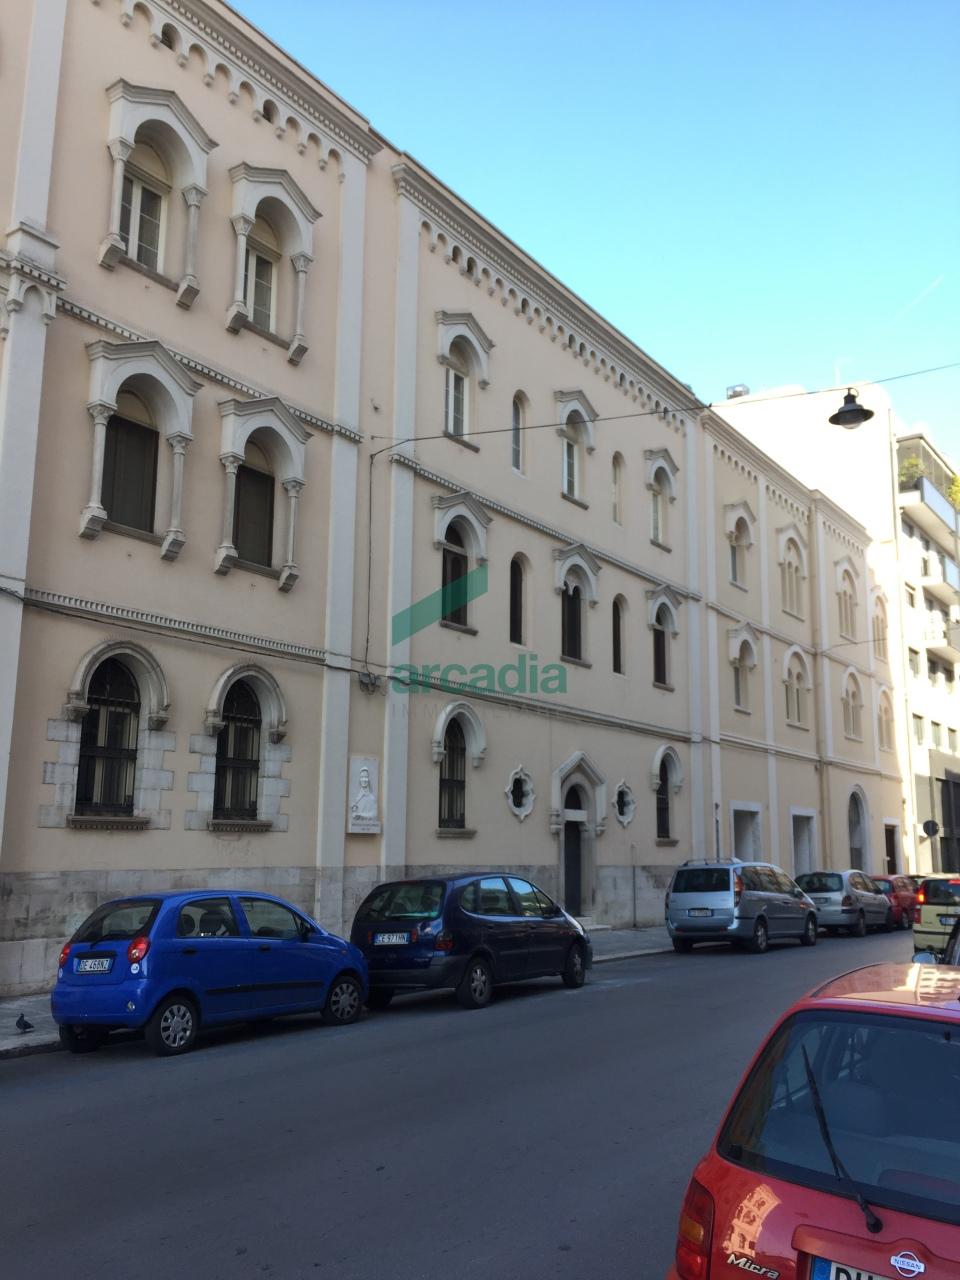 Ufficio / Studio in affitto a Bari, 7 locali, prezzo € 2.000 | CambioCasa.it